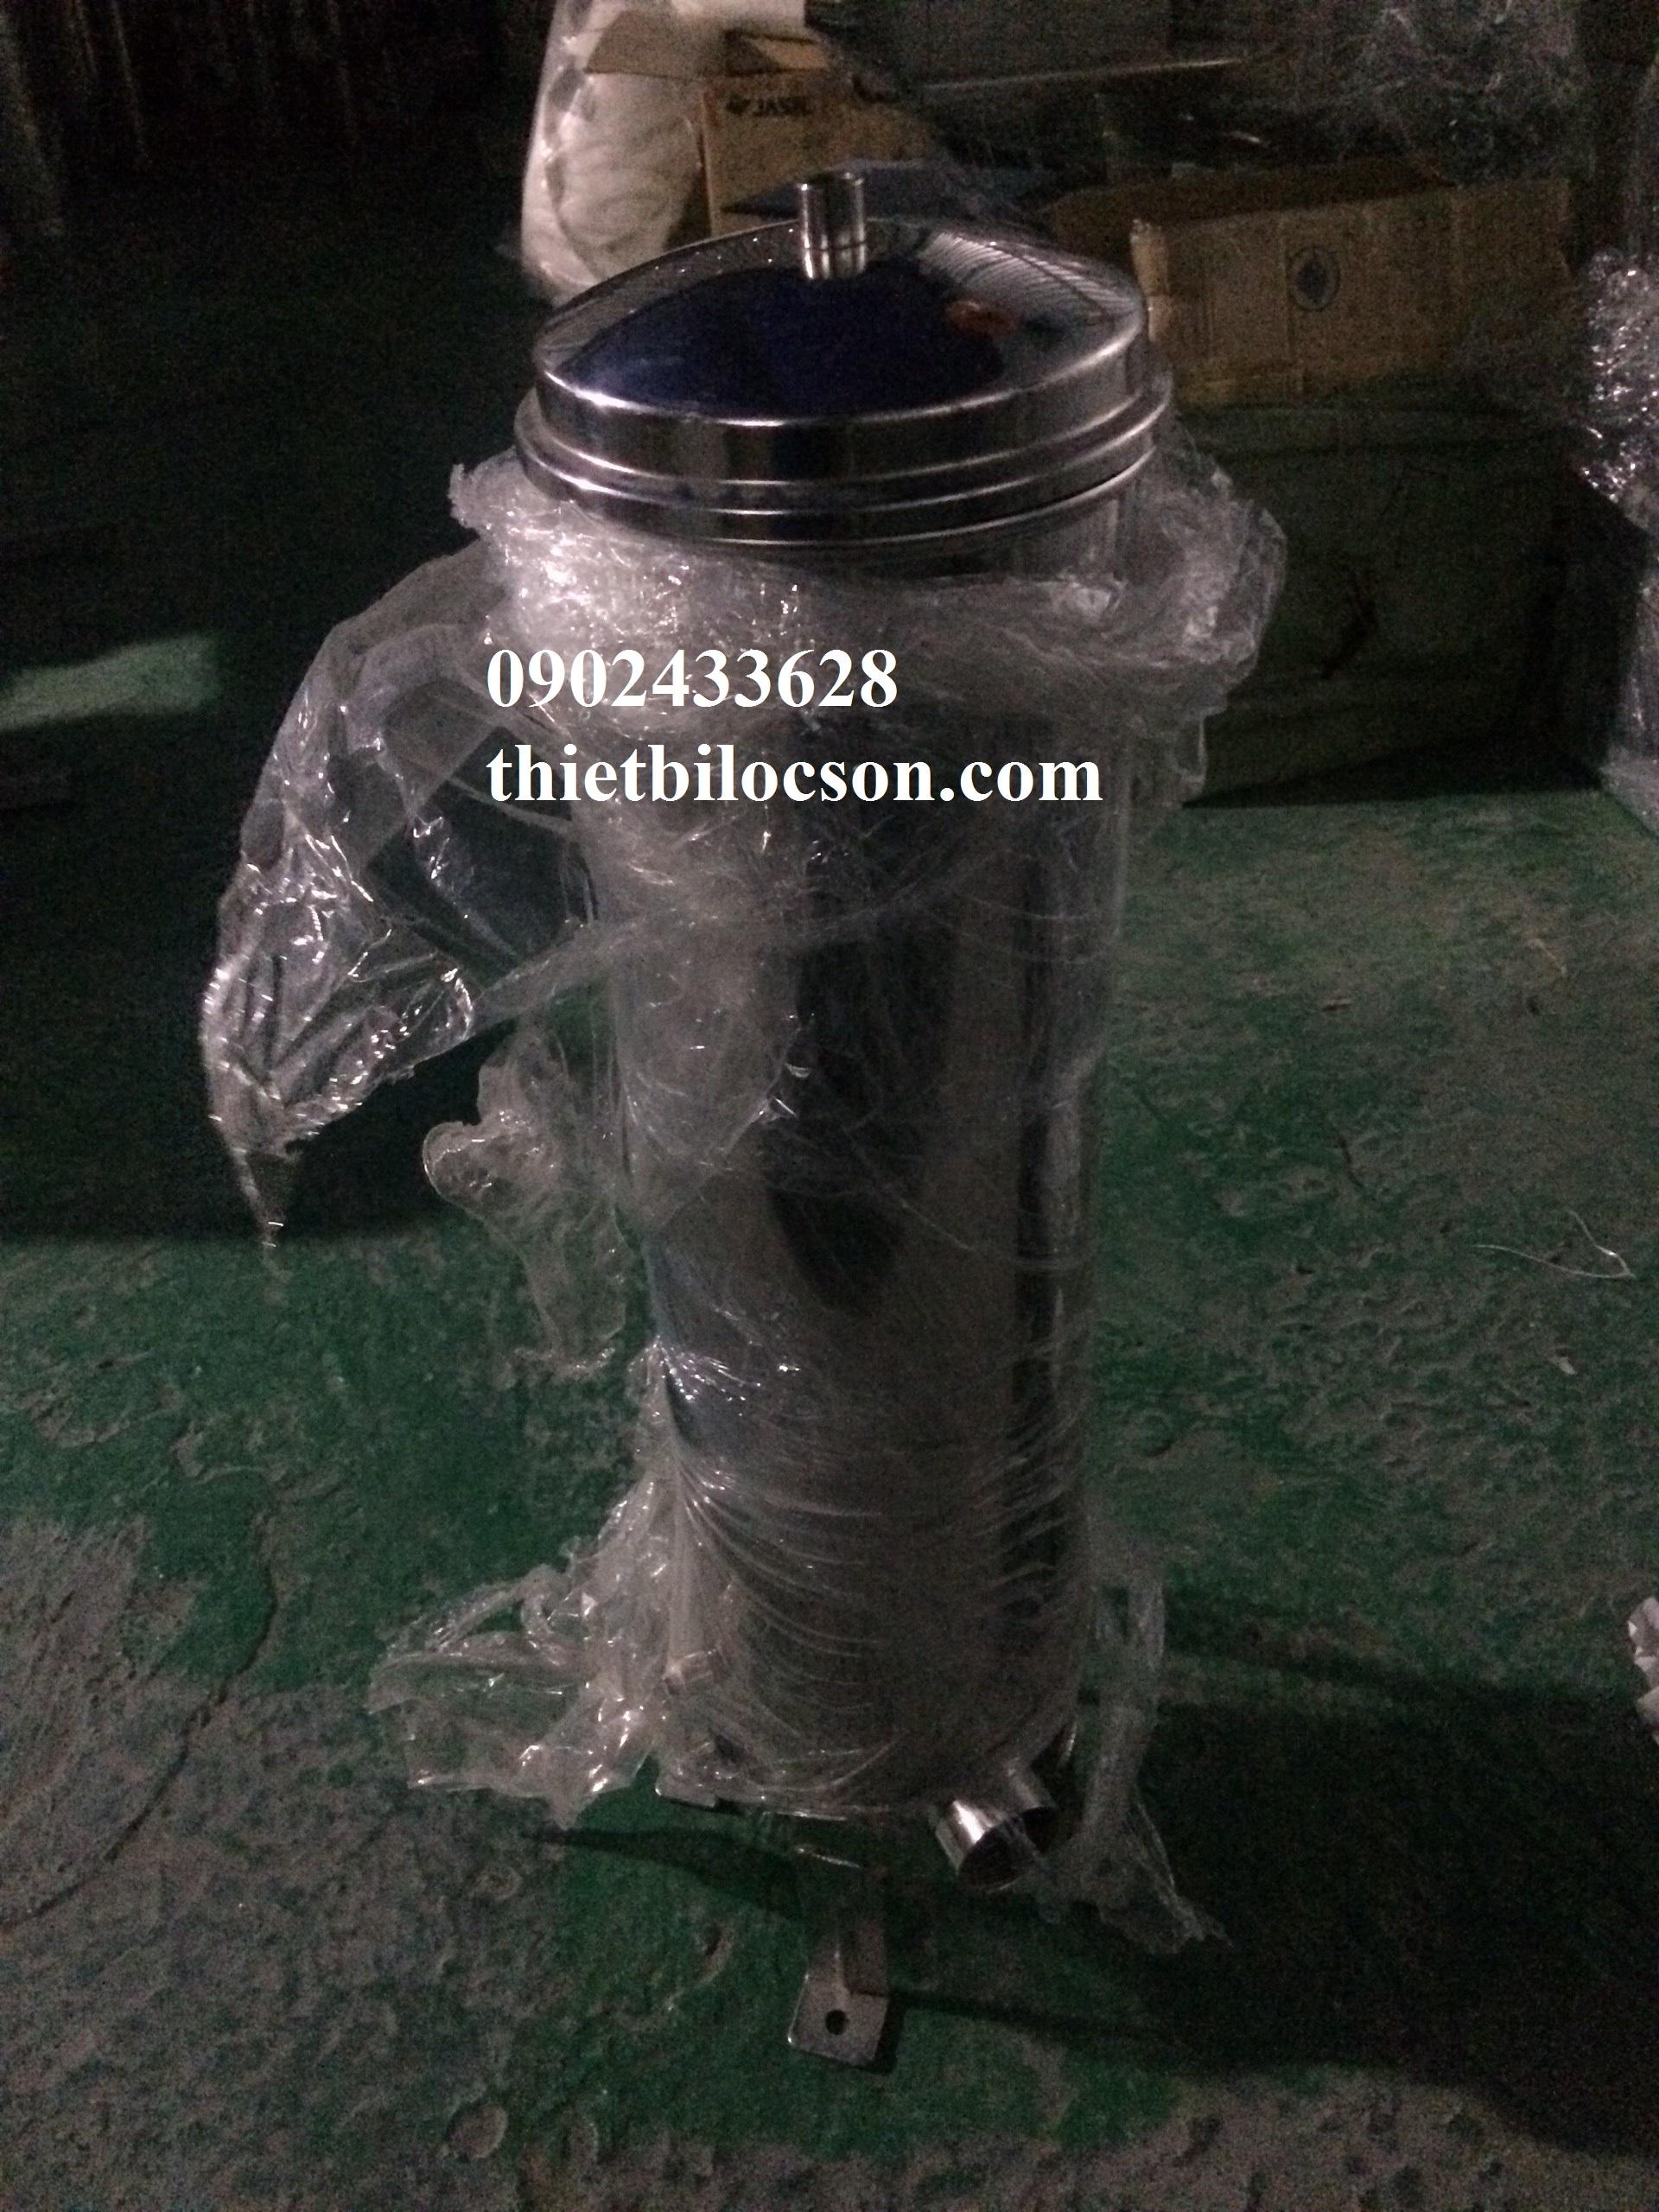 Bình inox 3 lõi 20 inch chuyên dùng lọc nước mắm